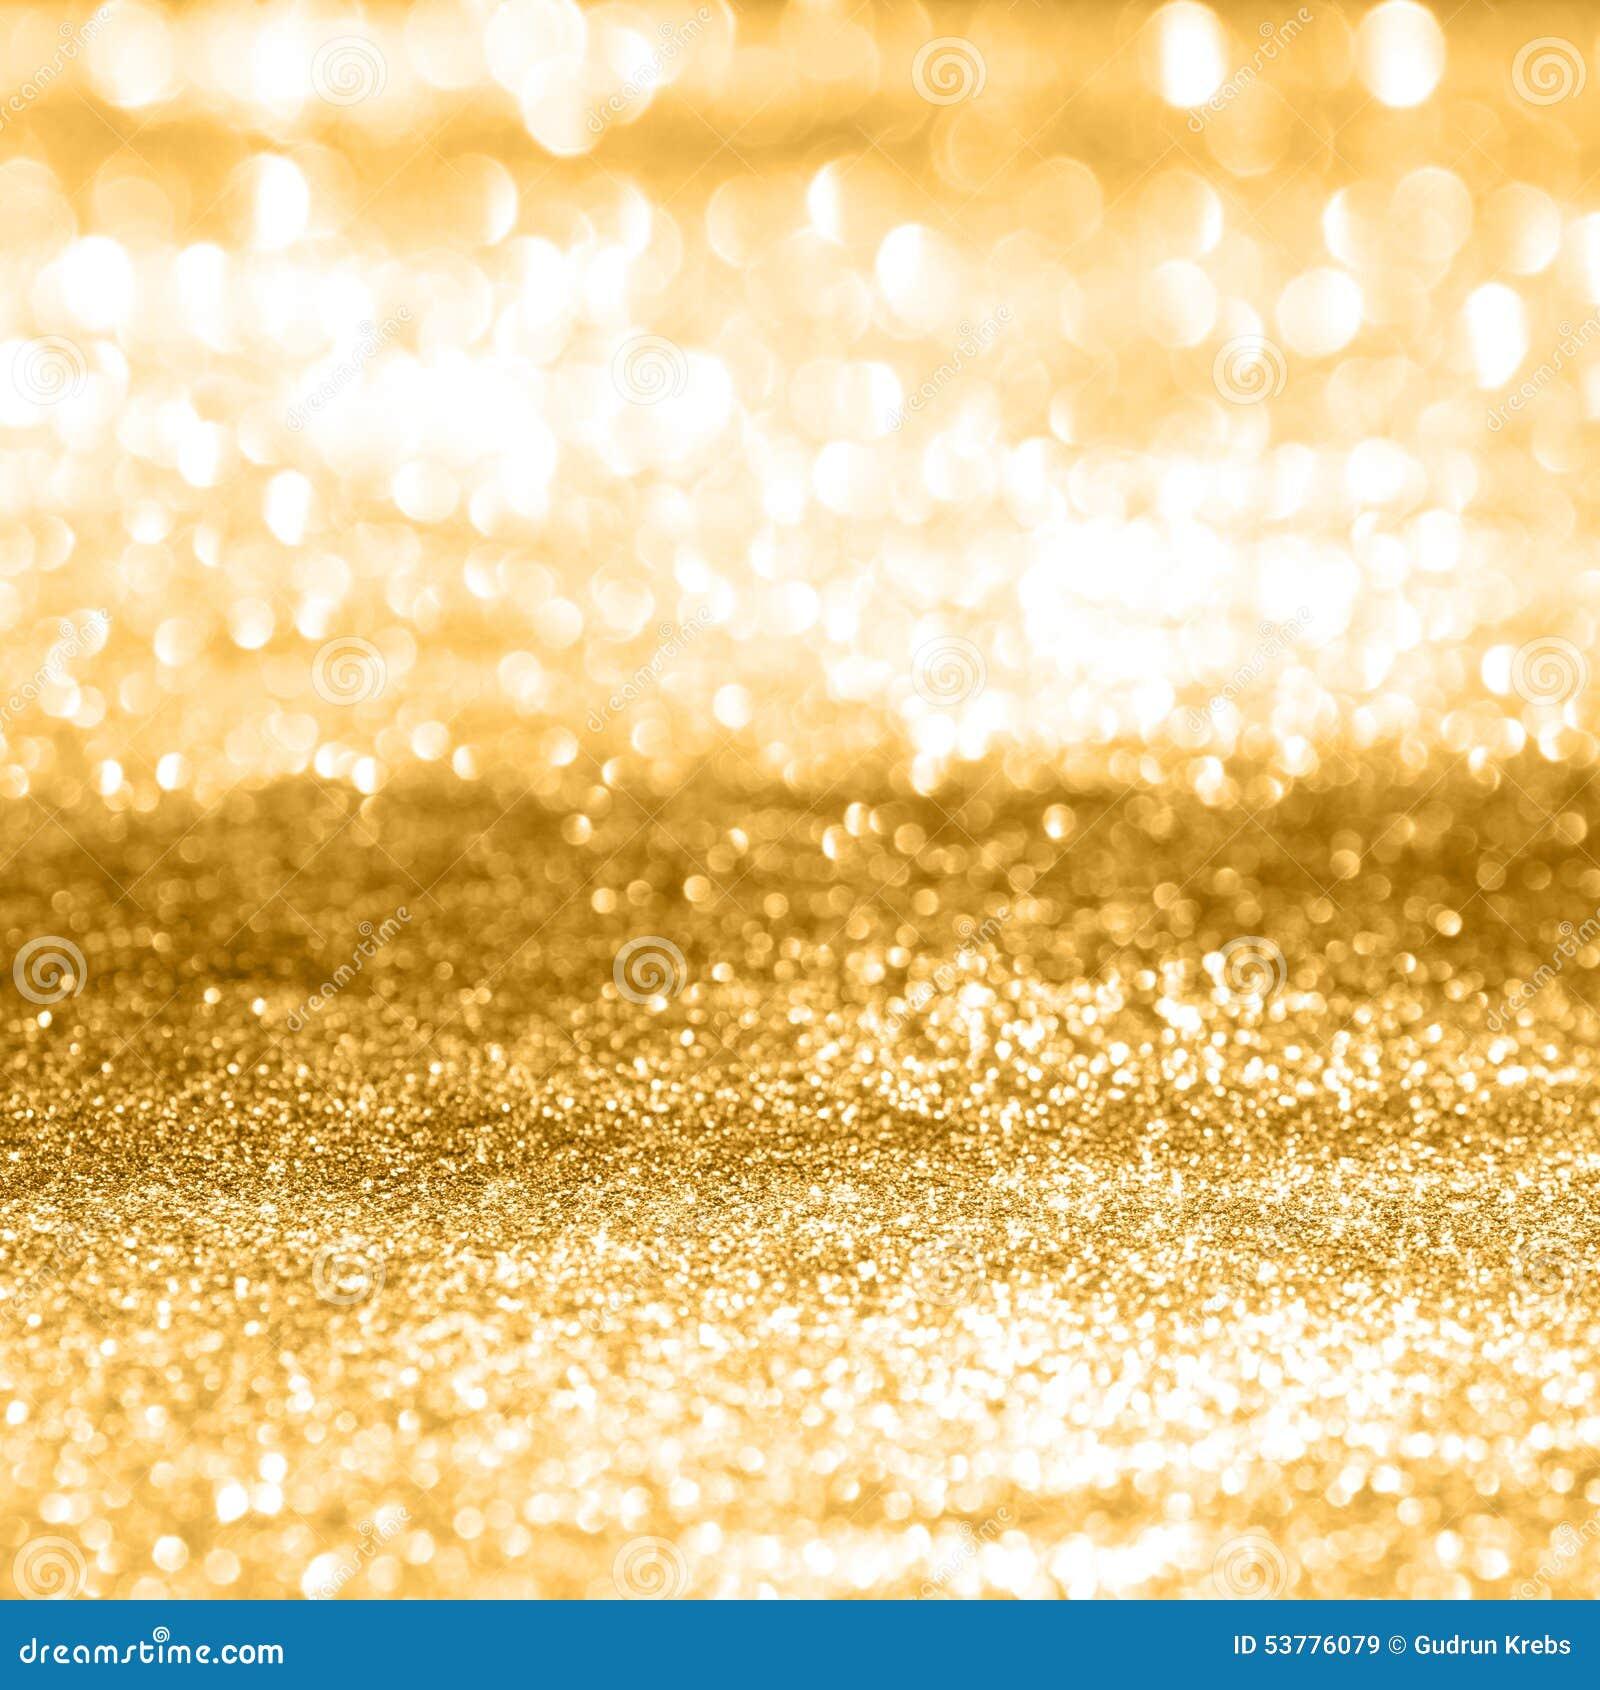 Złoto tła abstrakcyjne